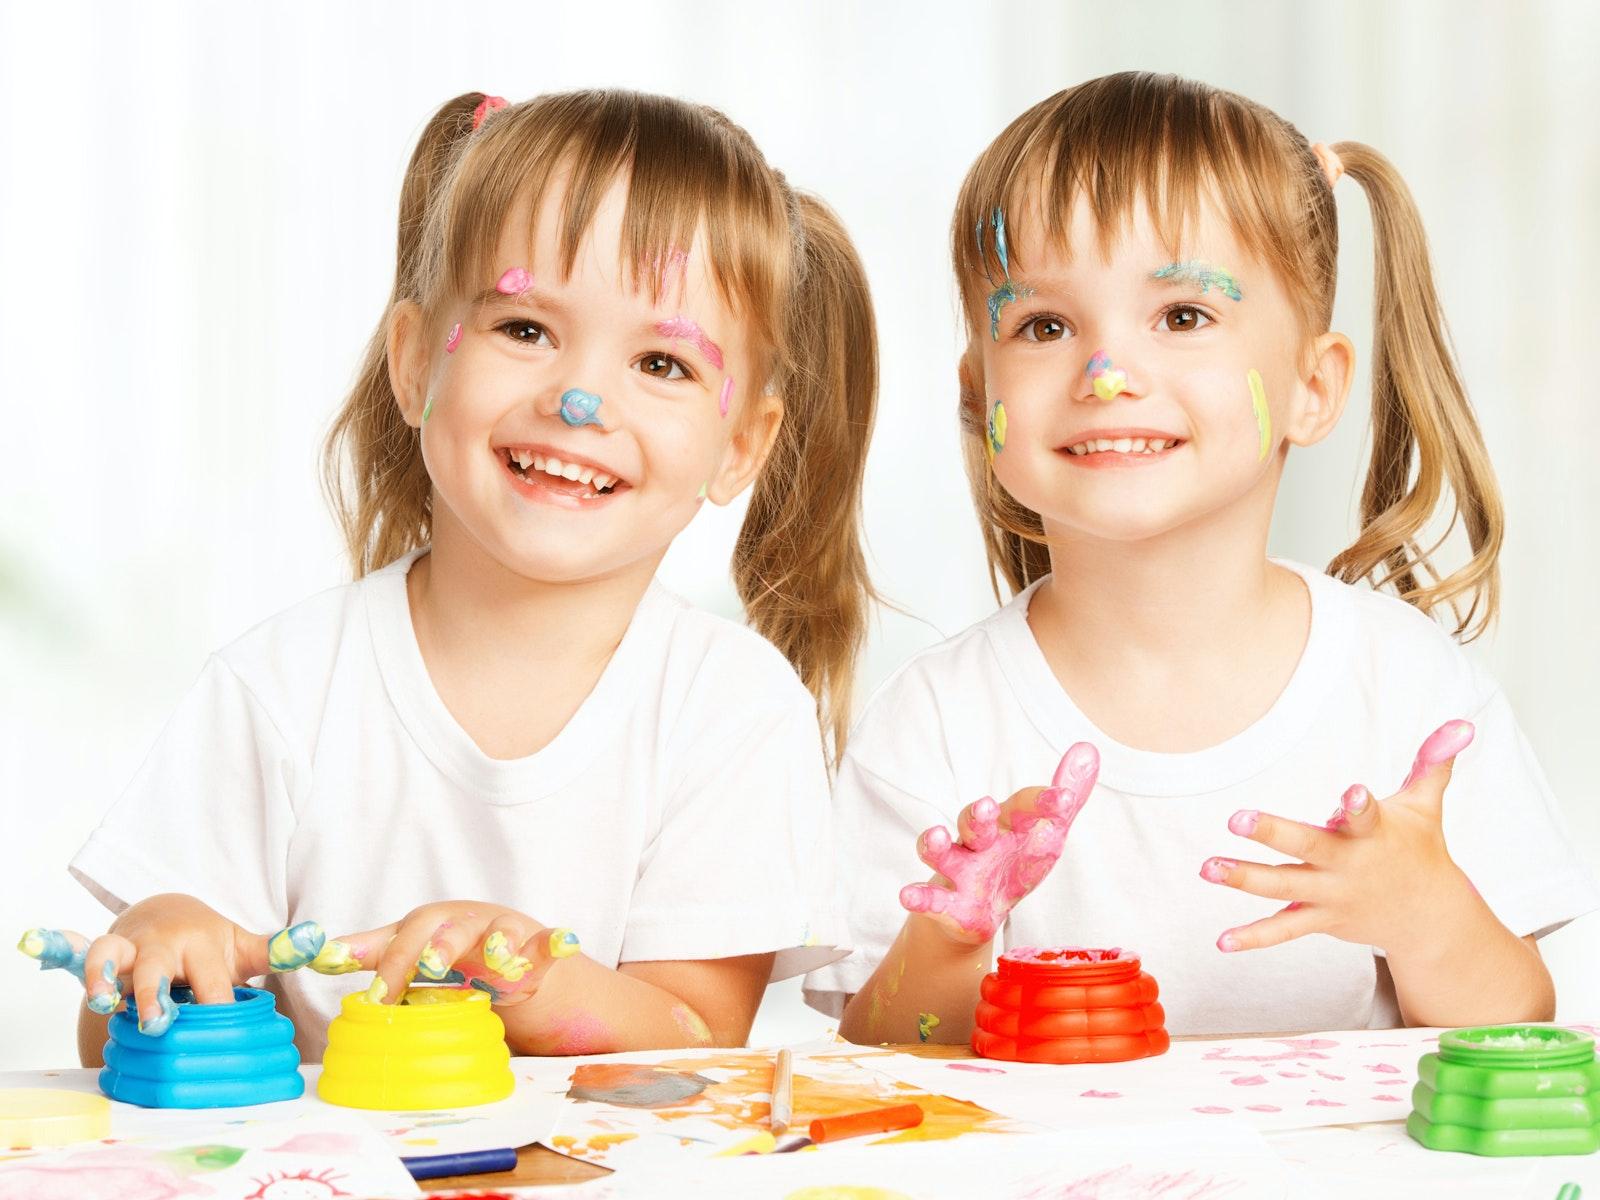 Rentrée scolaire des jumeaux : faut-il les séparer   ?